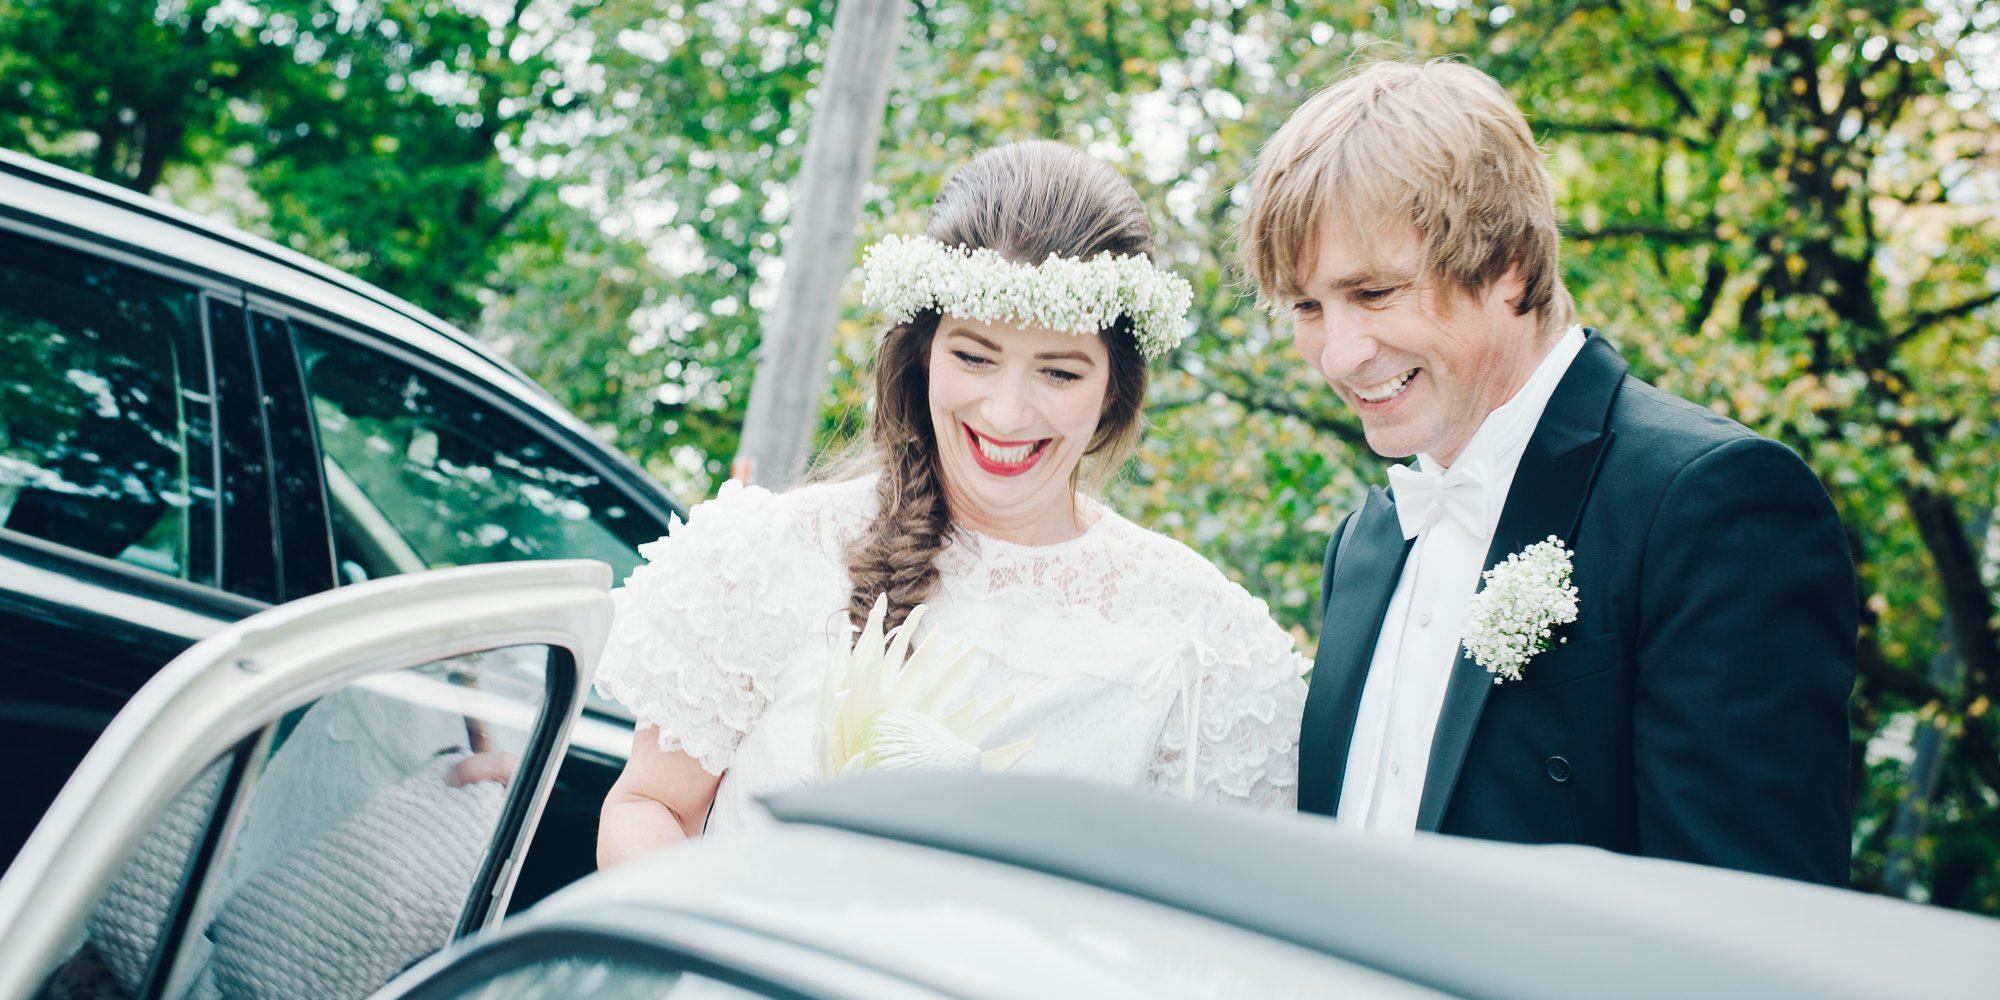 Hanna og Tom Erling har giftet seg. De er på vei inn i den hvite veteranbilen. Hanna har blomster i håret.